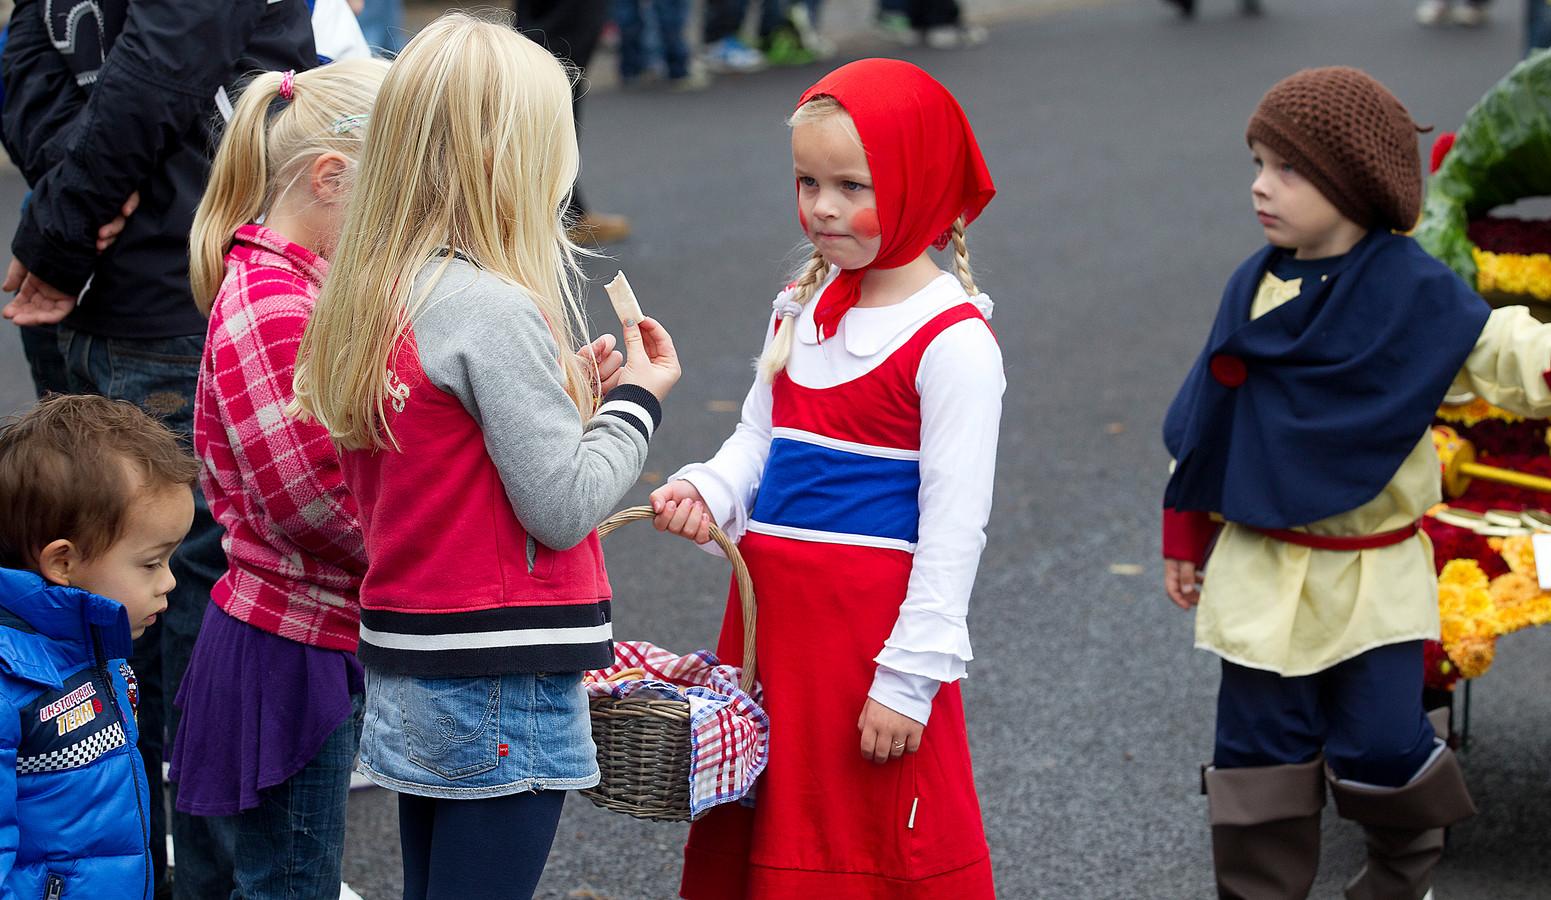 De allegorische optocht maakt onderdeel uit van de jaarlijkse Volksfeesten van Aalten. Het feest is voor dit jaar afgelast. Archieffoto Theo Kock